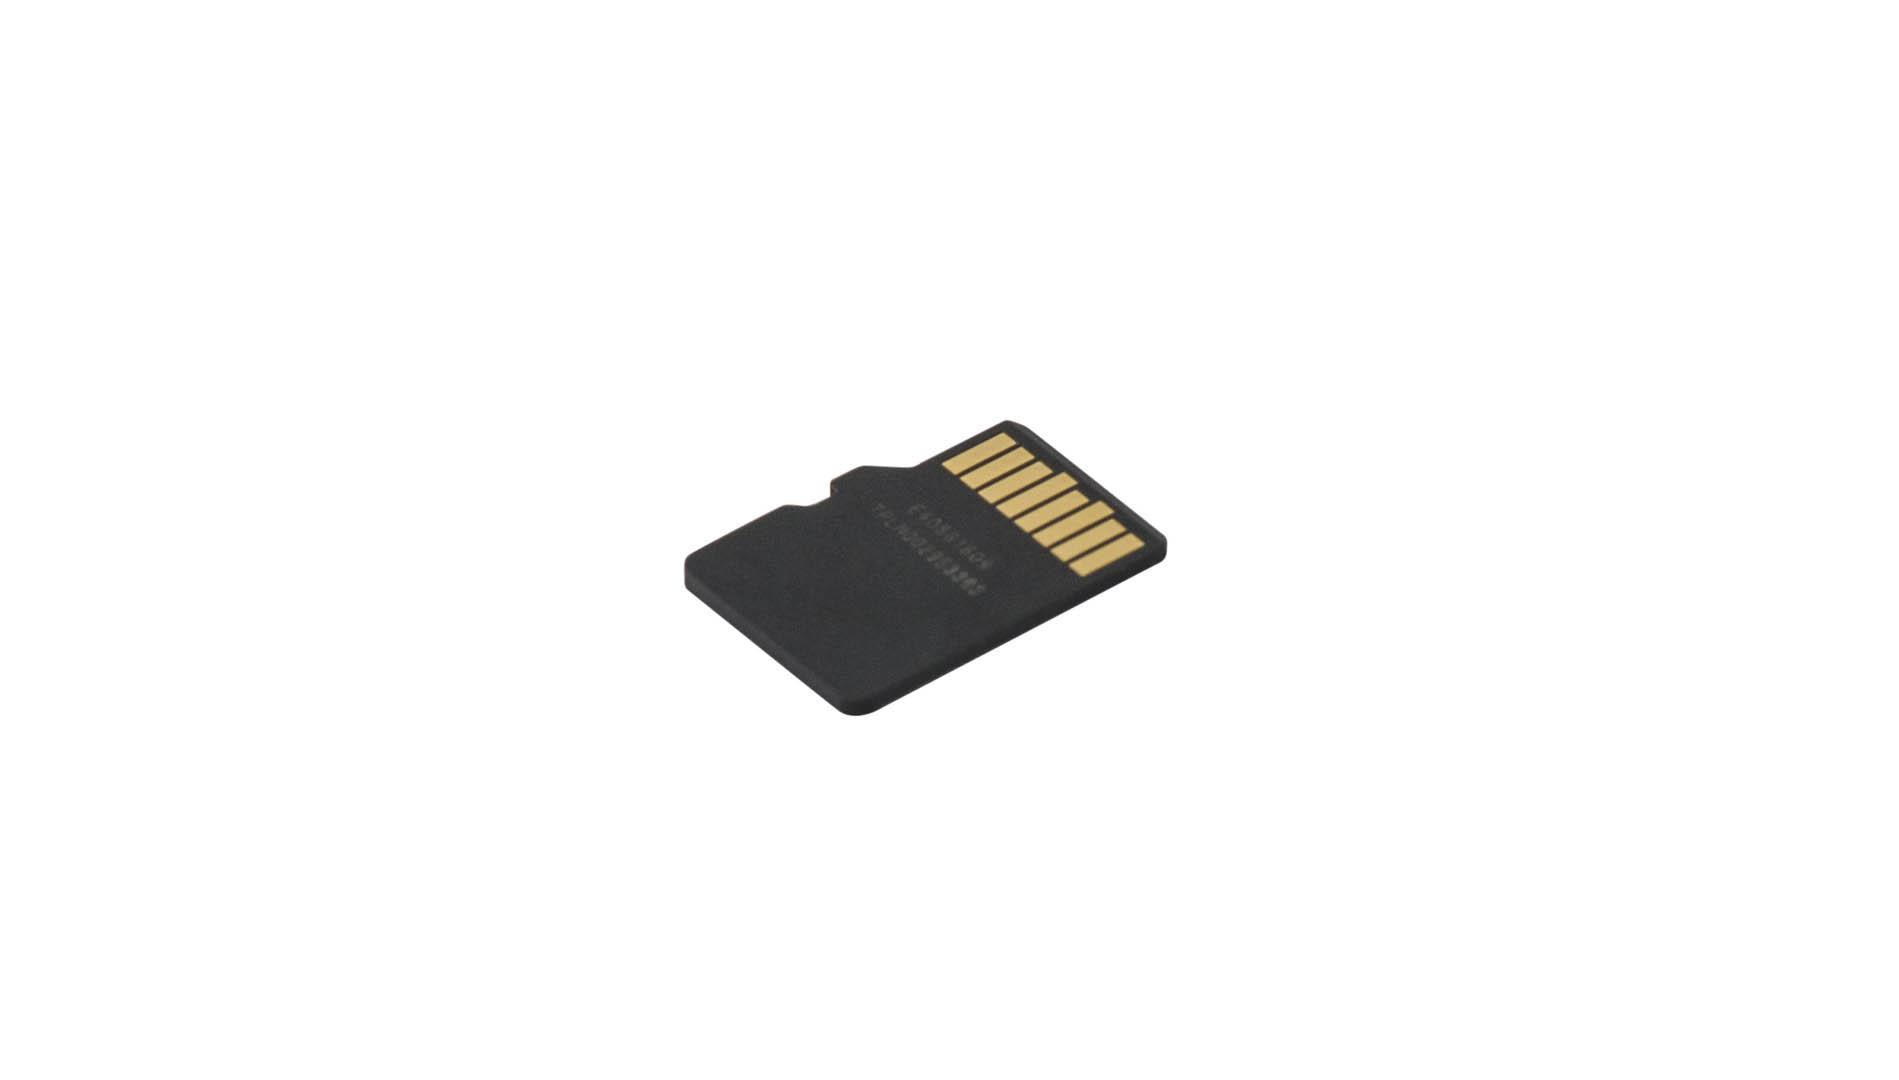 Pre-programmed SD card